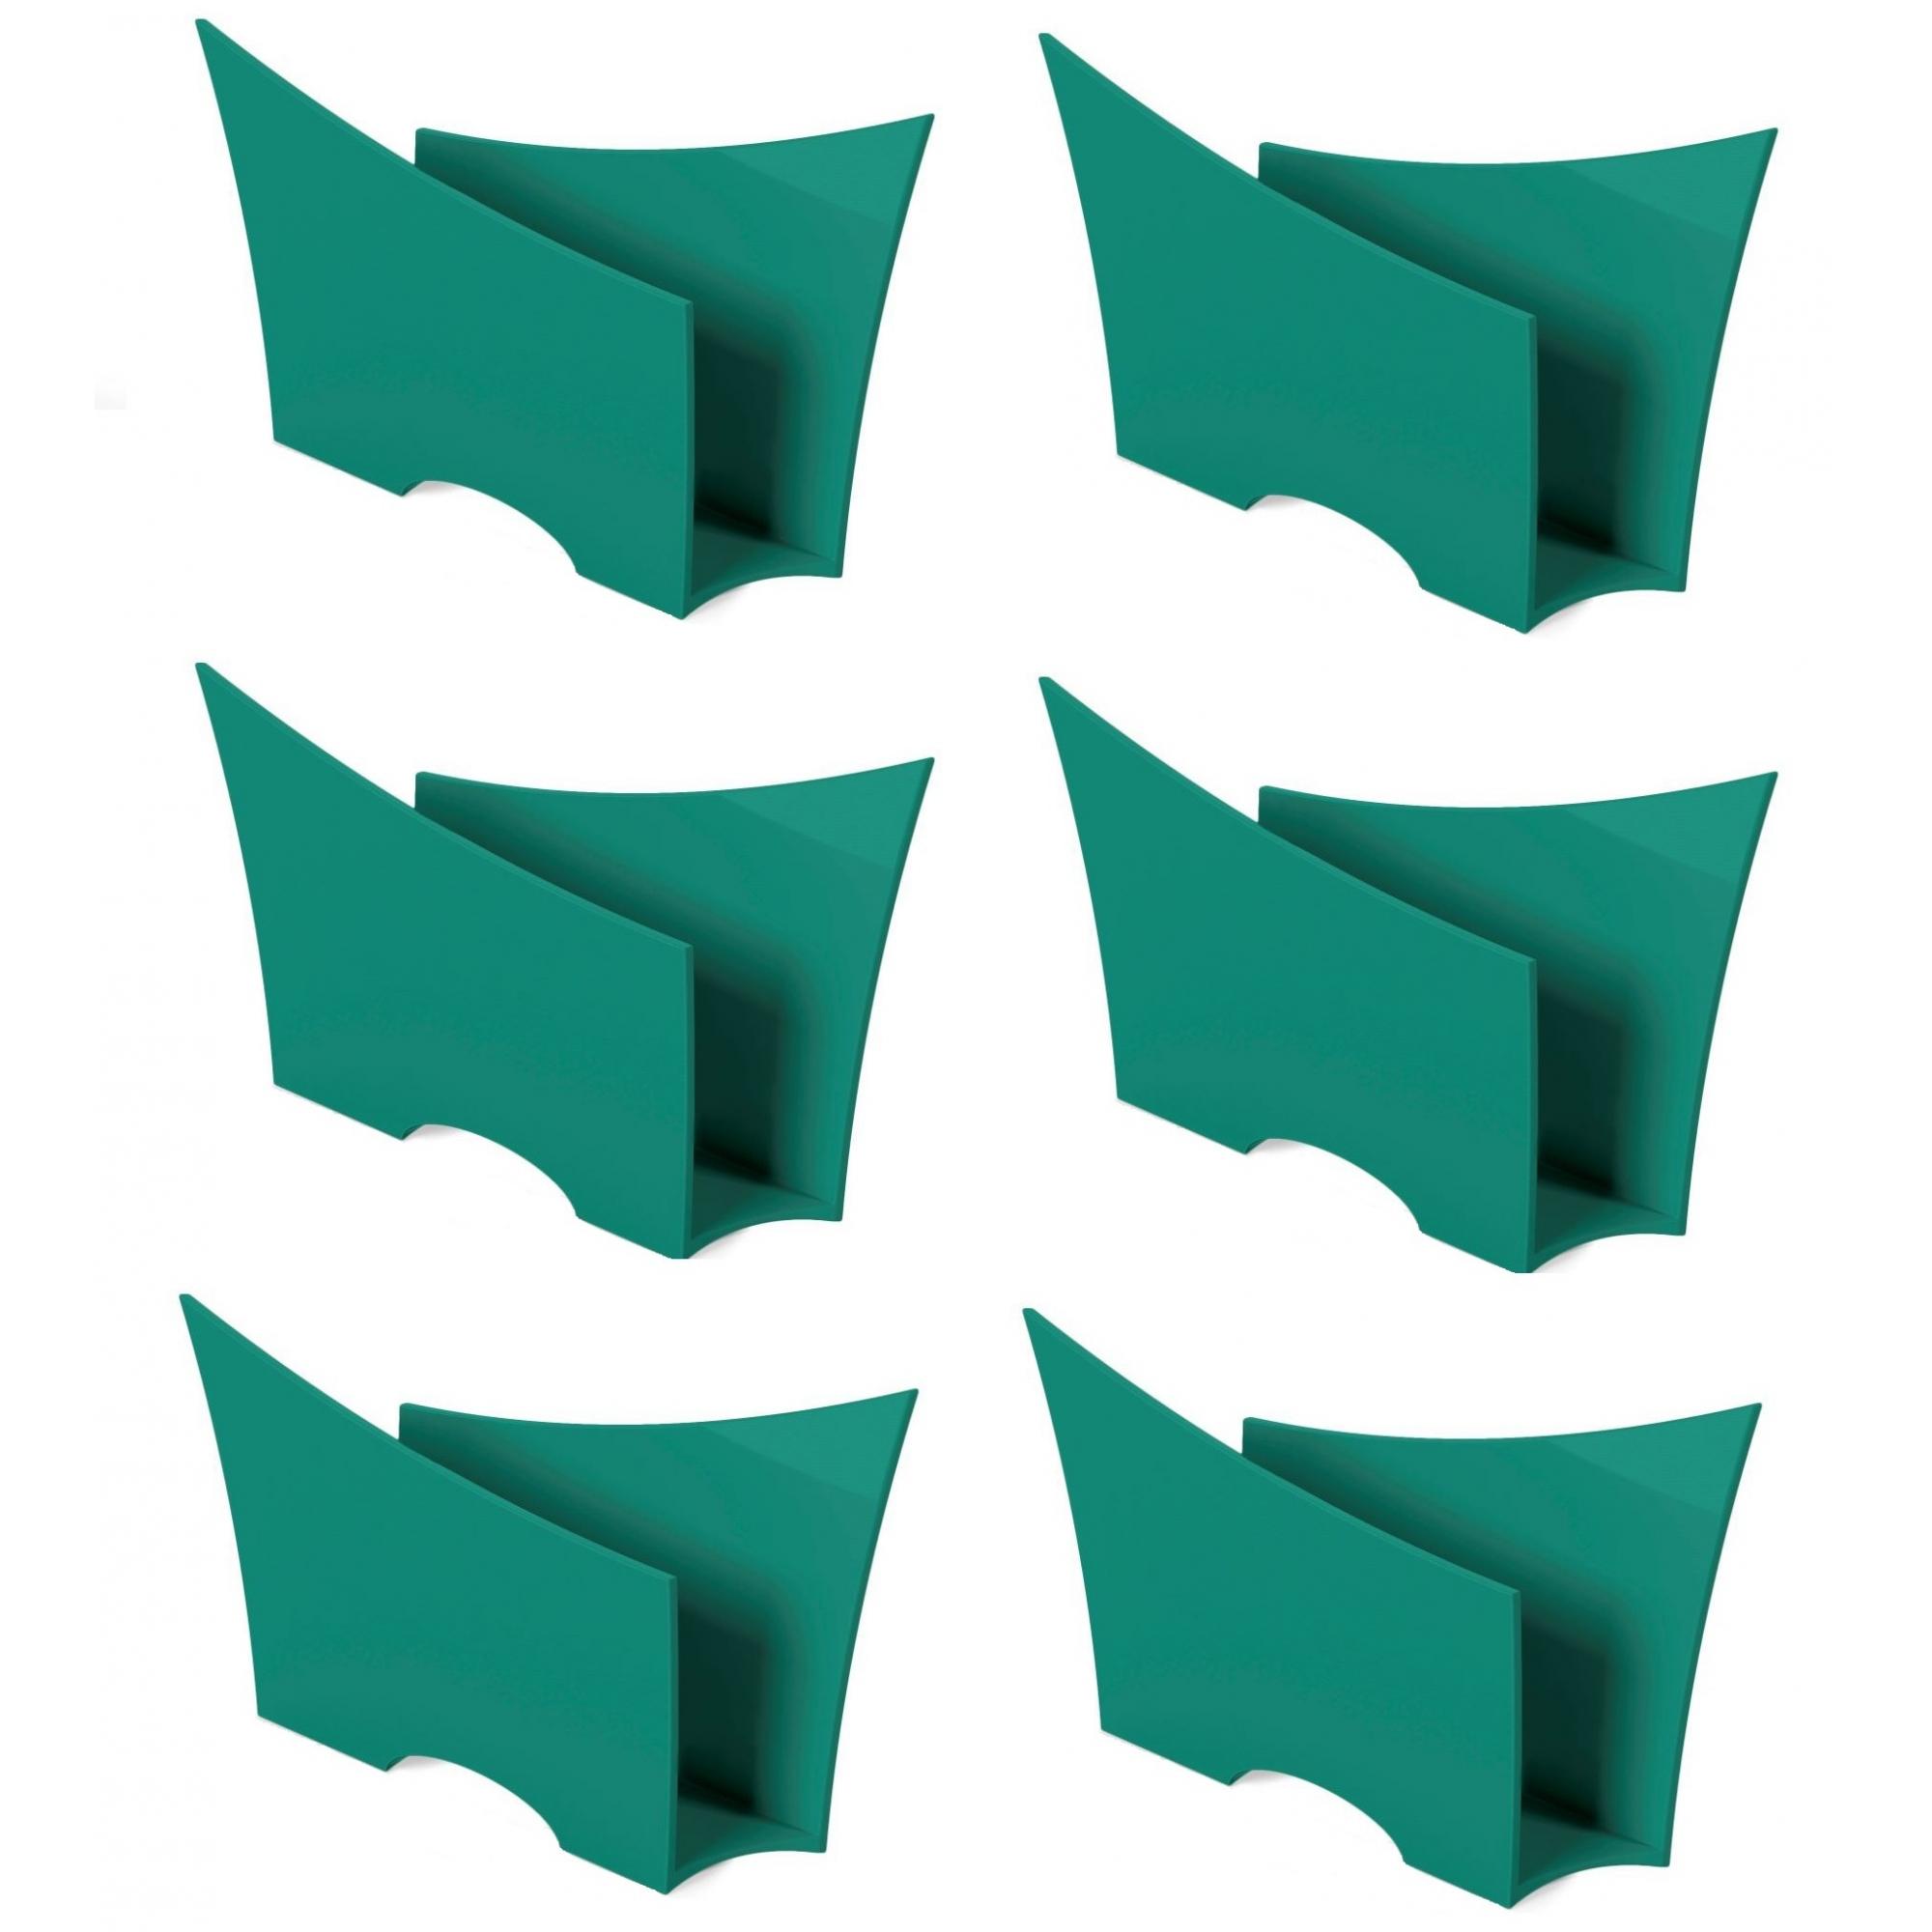 Kit 6 Porta Guardanapo Quadrado Plástico UZ Verde